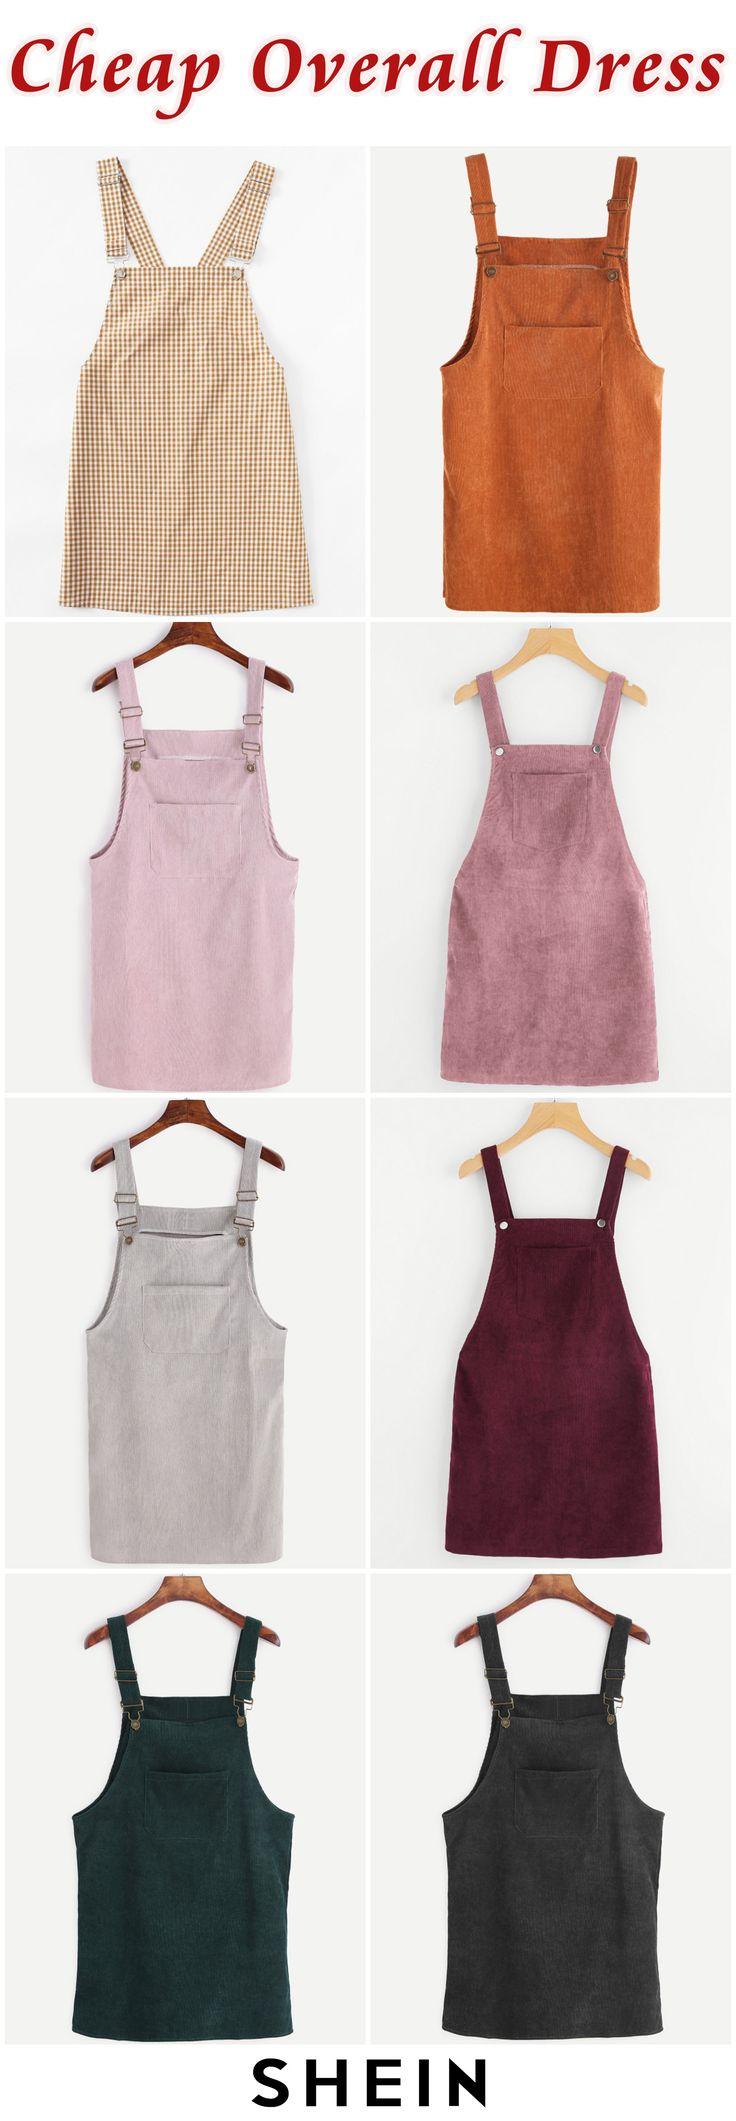 Cheap Overall Dress